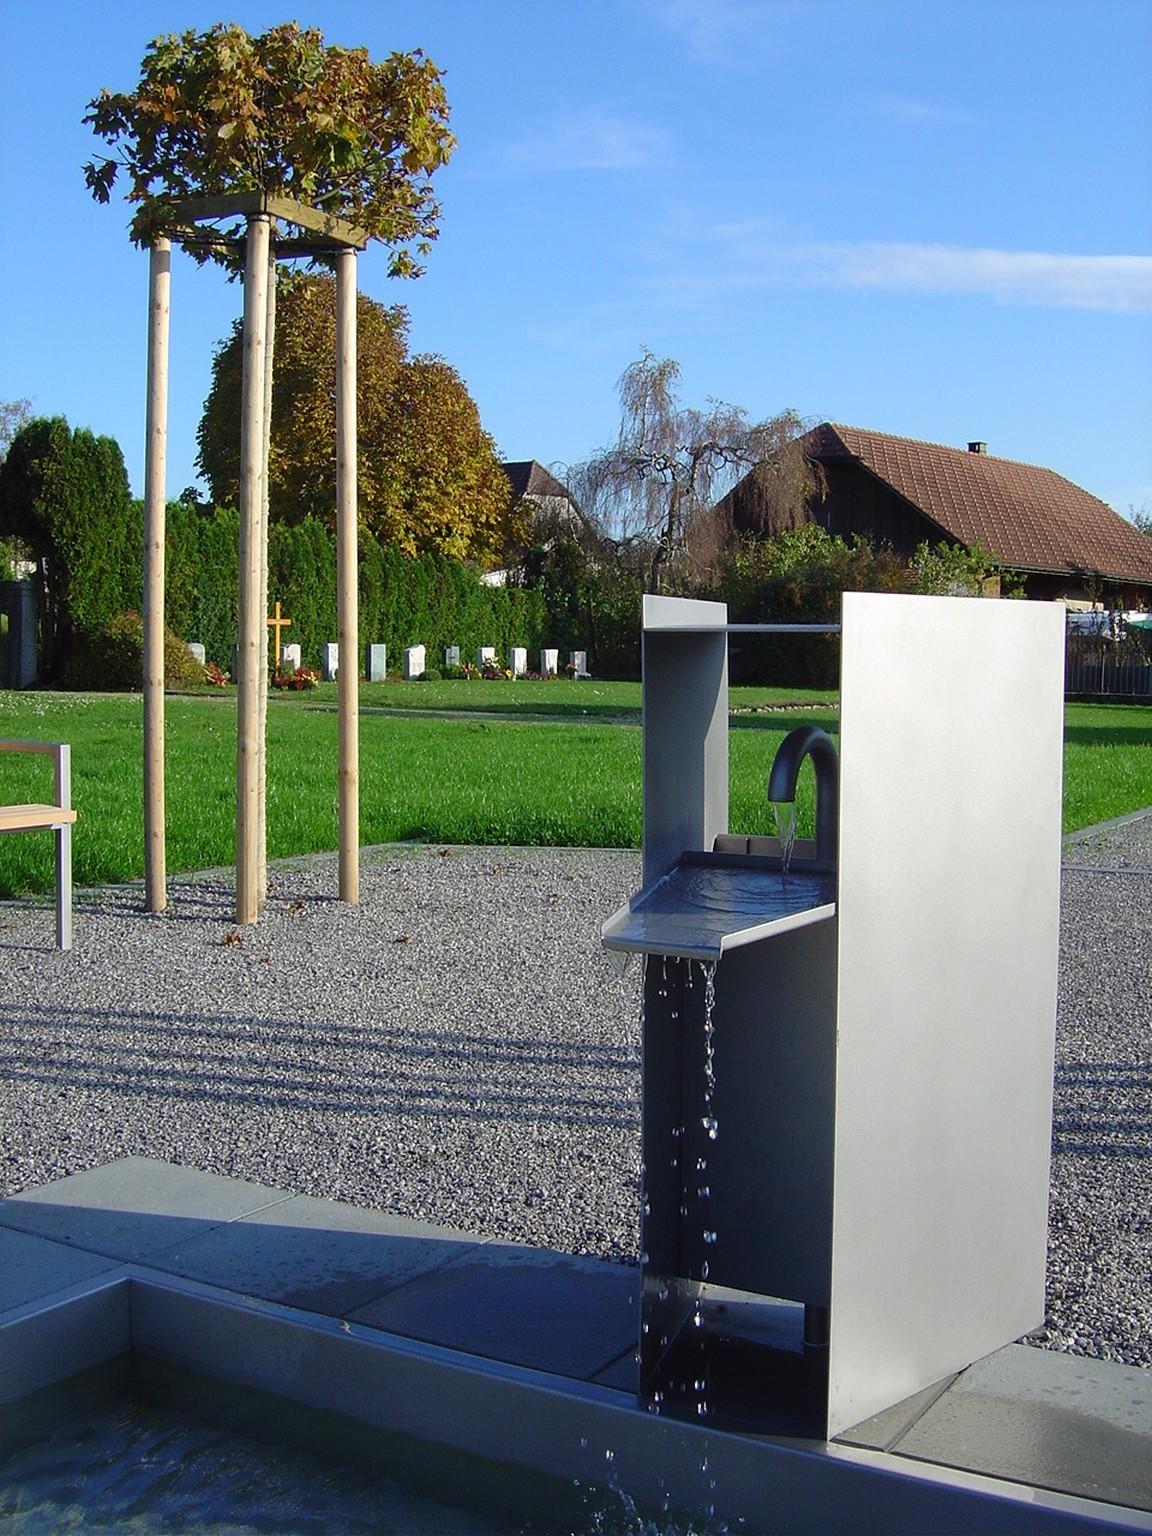 portrait_schnottwil2004friedhofanlage_8